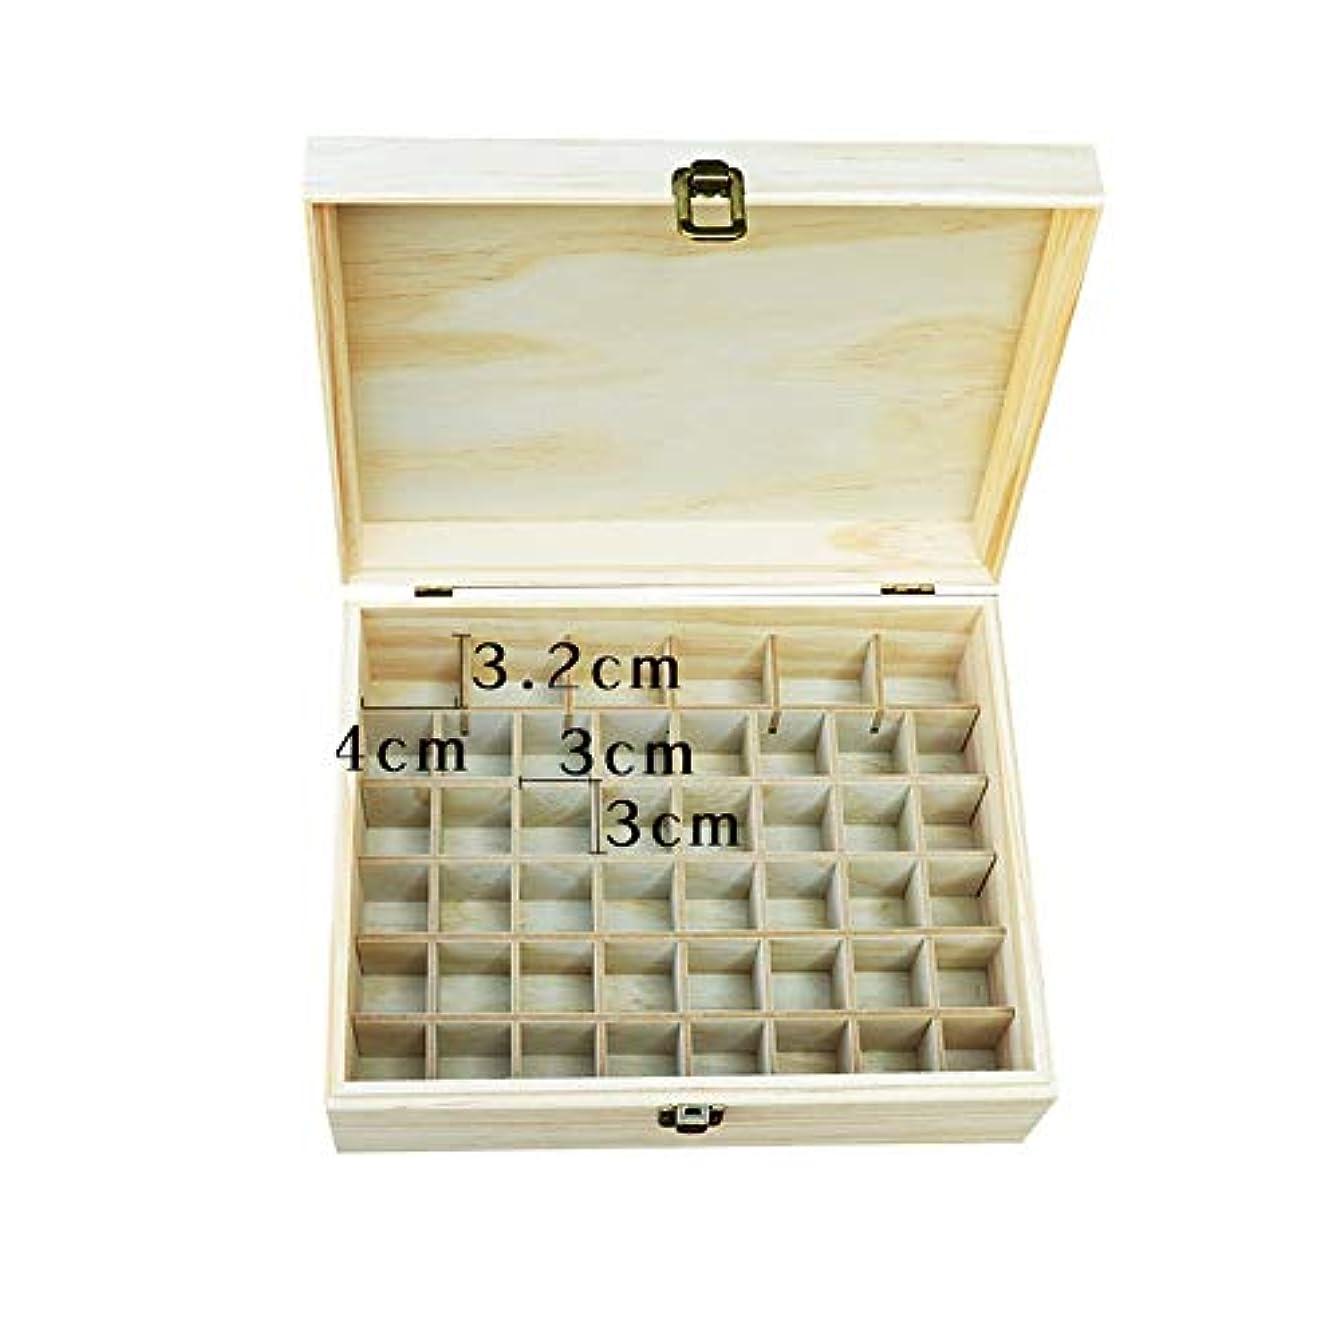 戻す反逆グリップエッセンシャルオイル収納ボックス 大46ボトル木製のエッセンシャルオイルストレージボックス (色 : Natural, サイズ : 22.2X10.2X8.2CM)